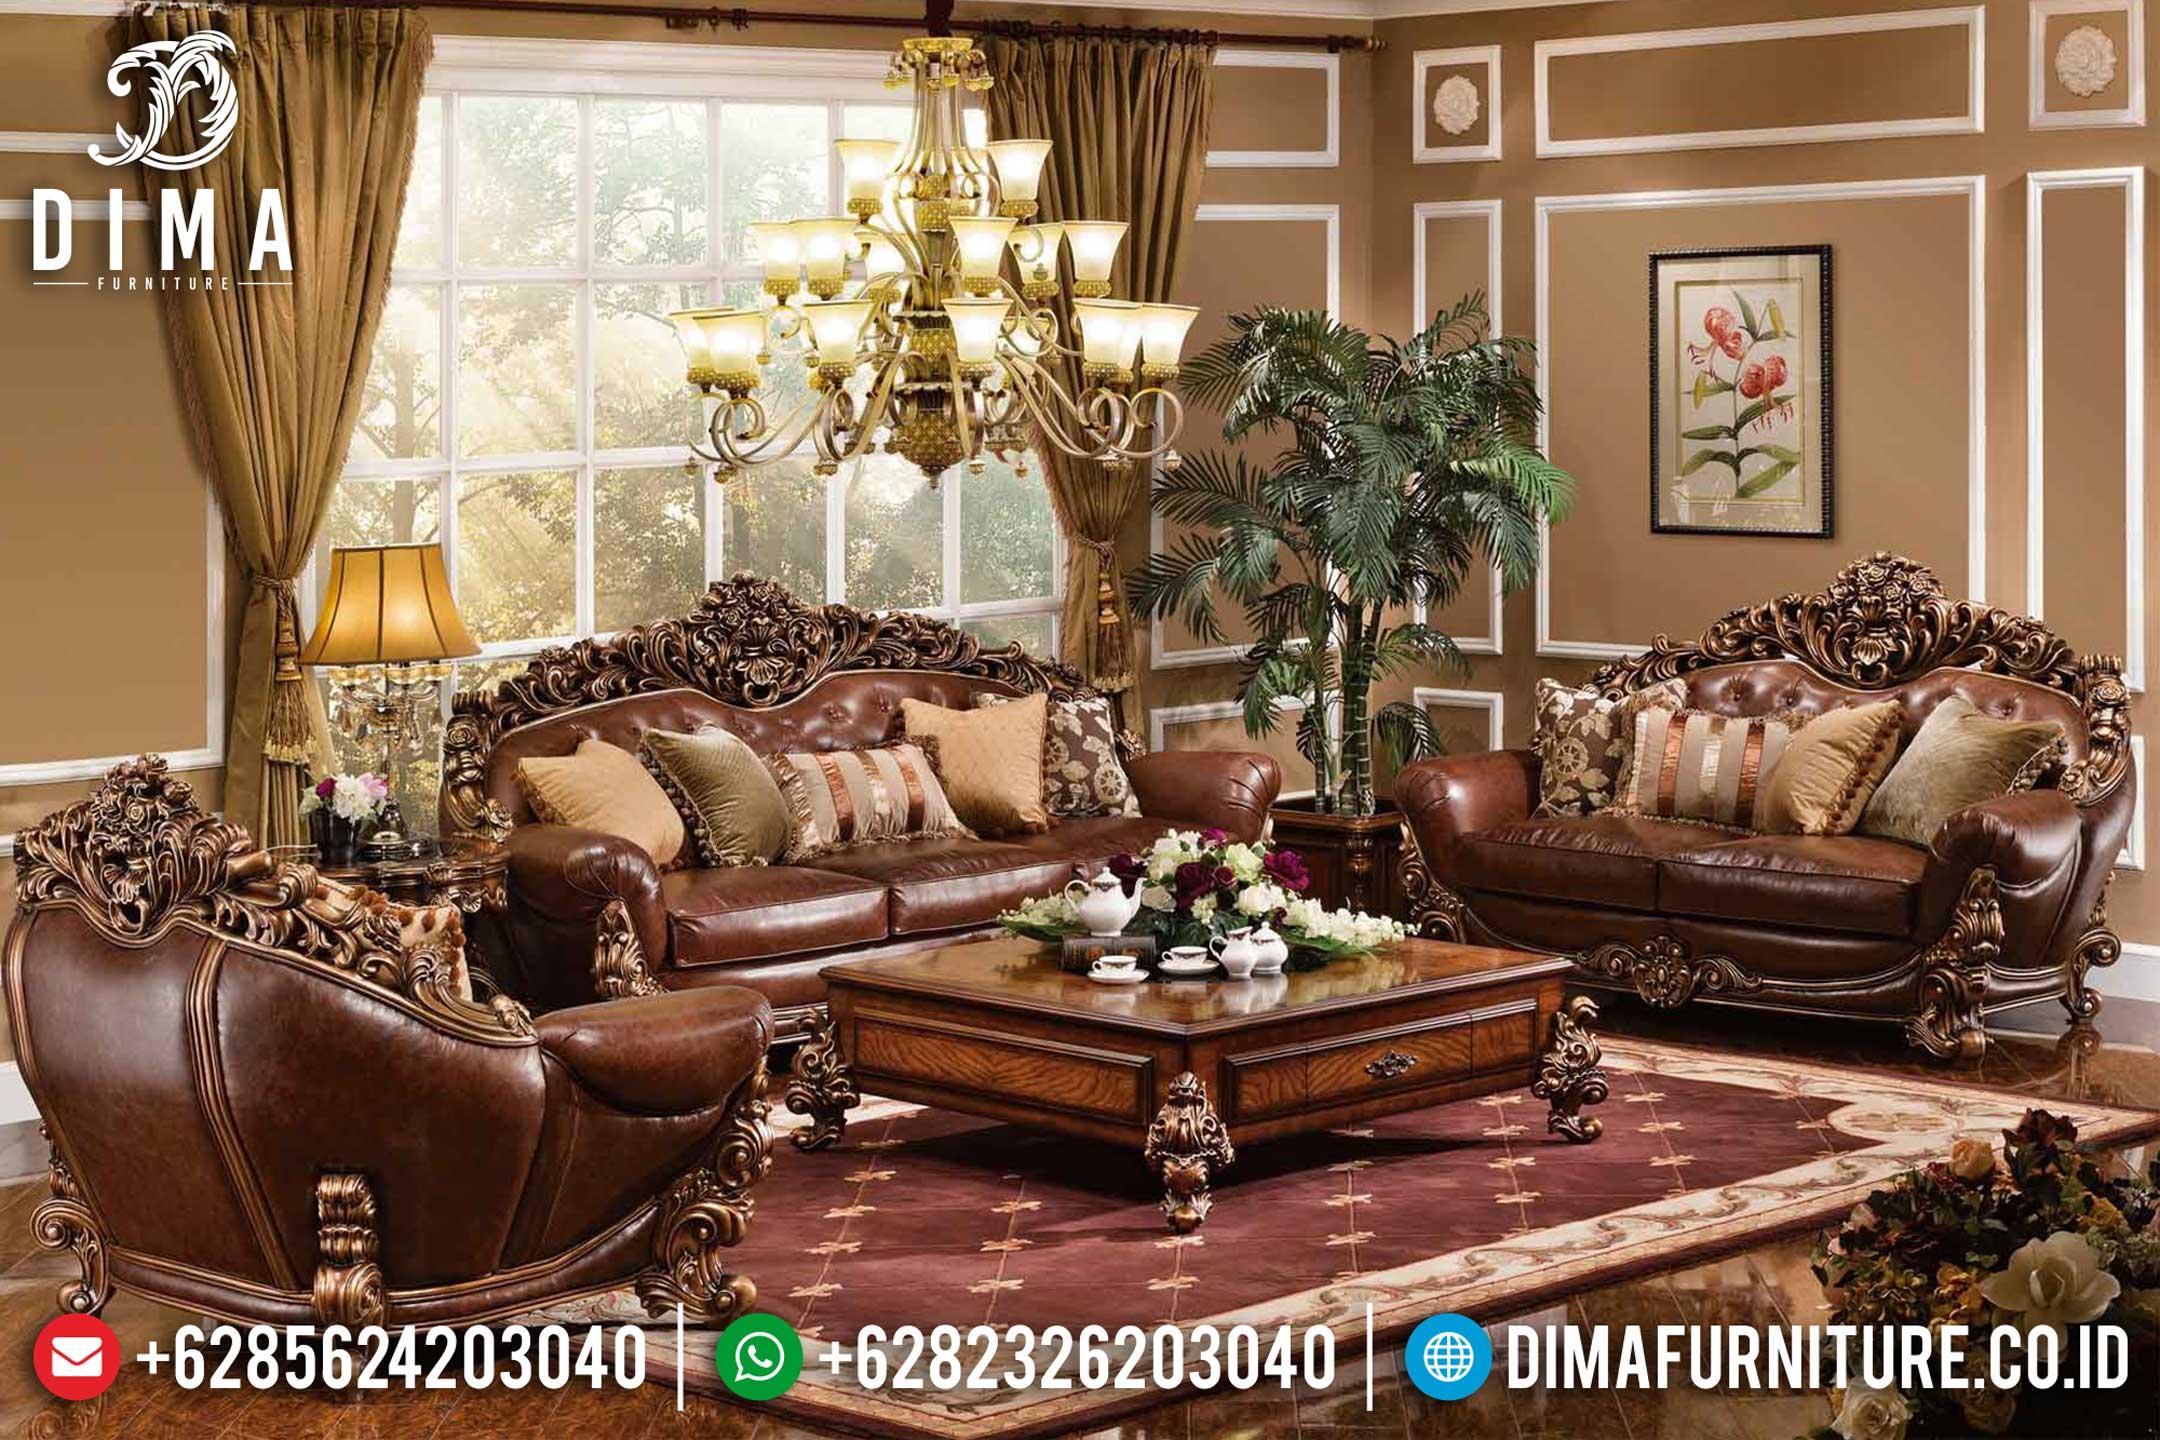 Sofa Tamu Jepara Mewah Minimalis Terbaru 02 Dima Furniture Jepara